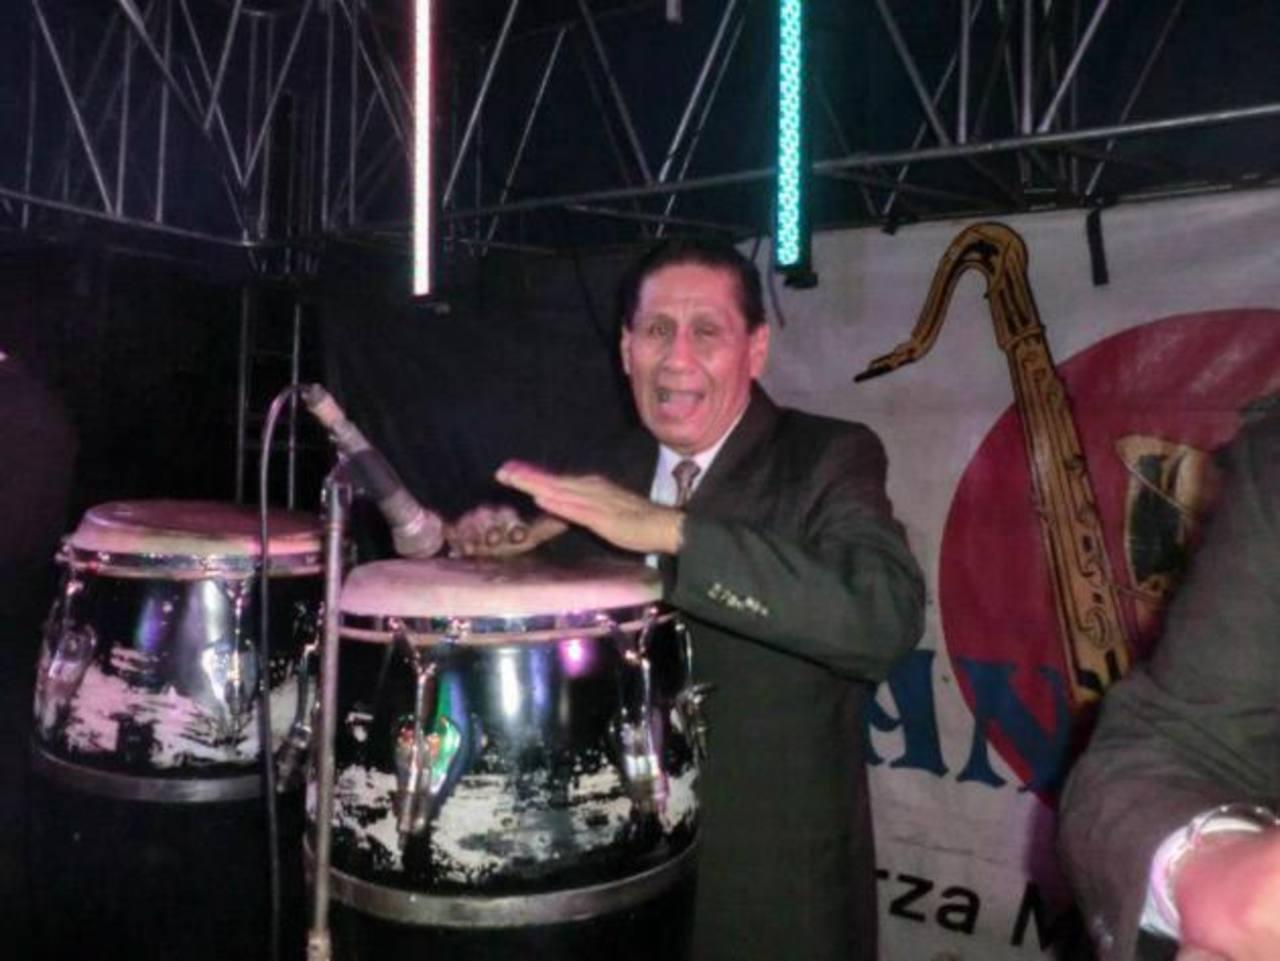 Este artista fue reconocido por su talento musical y además por ser fundador de la Orquesta San Vicente.